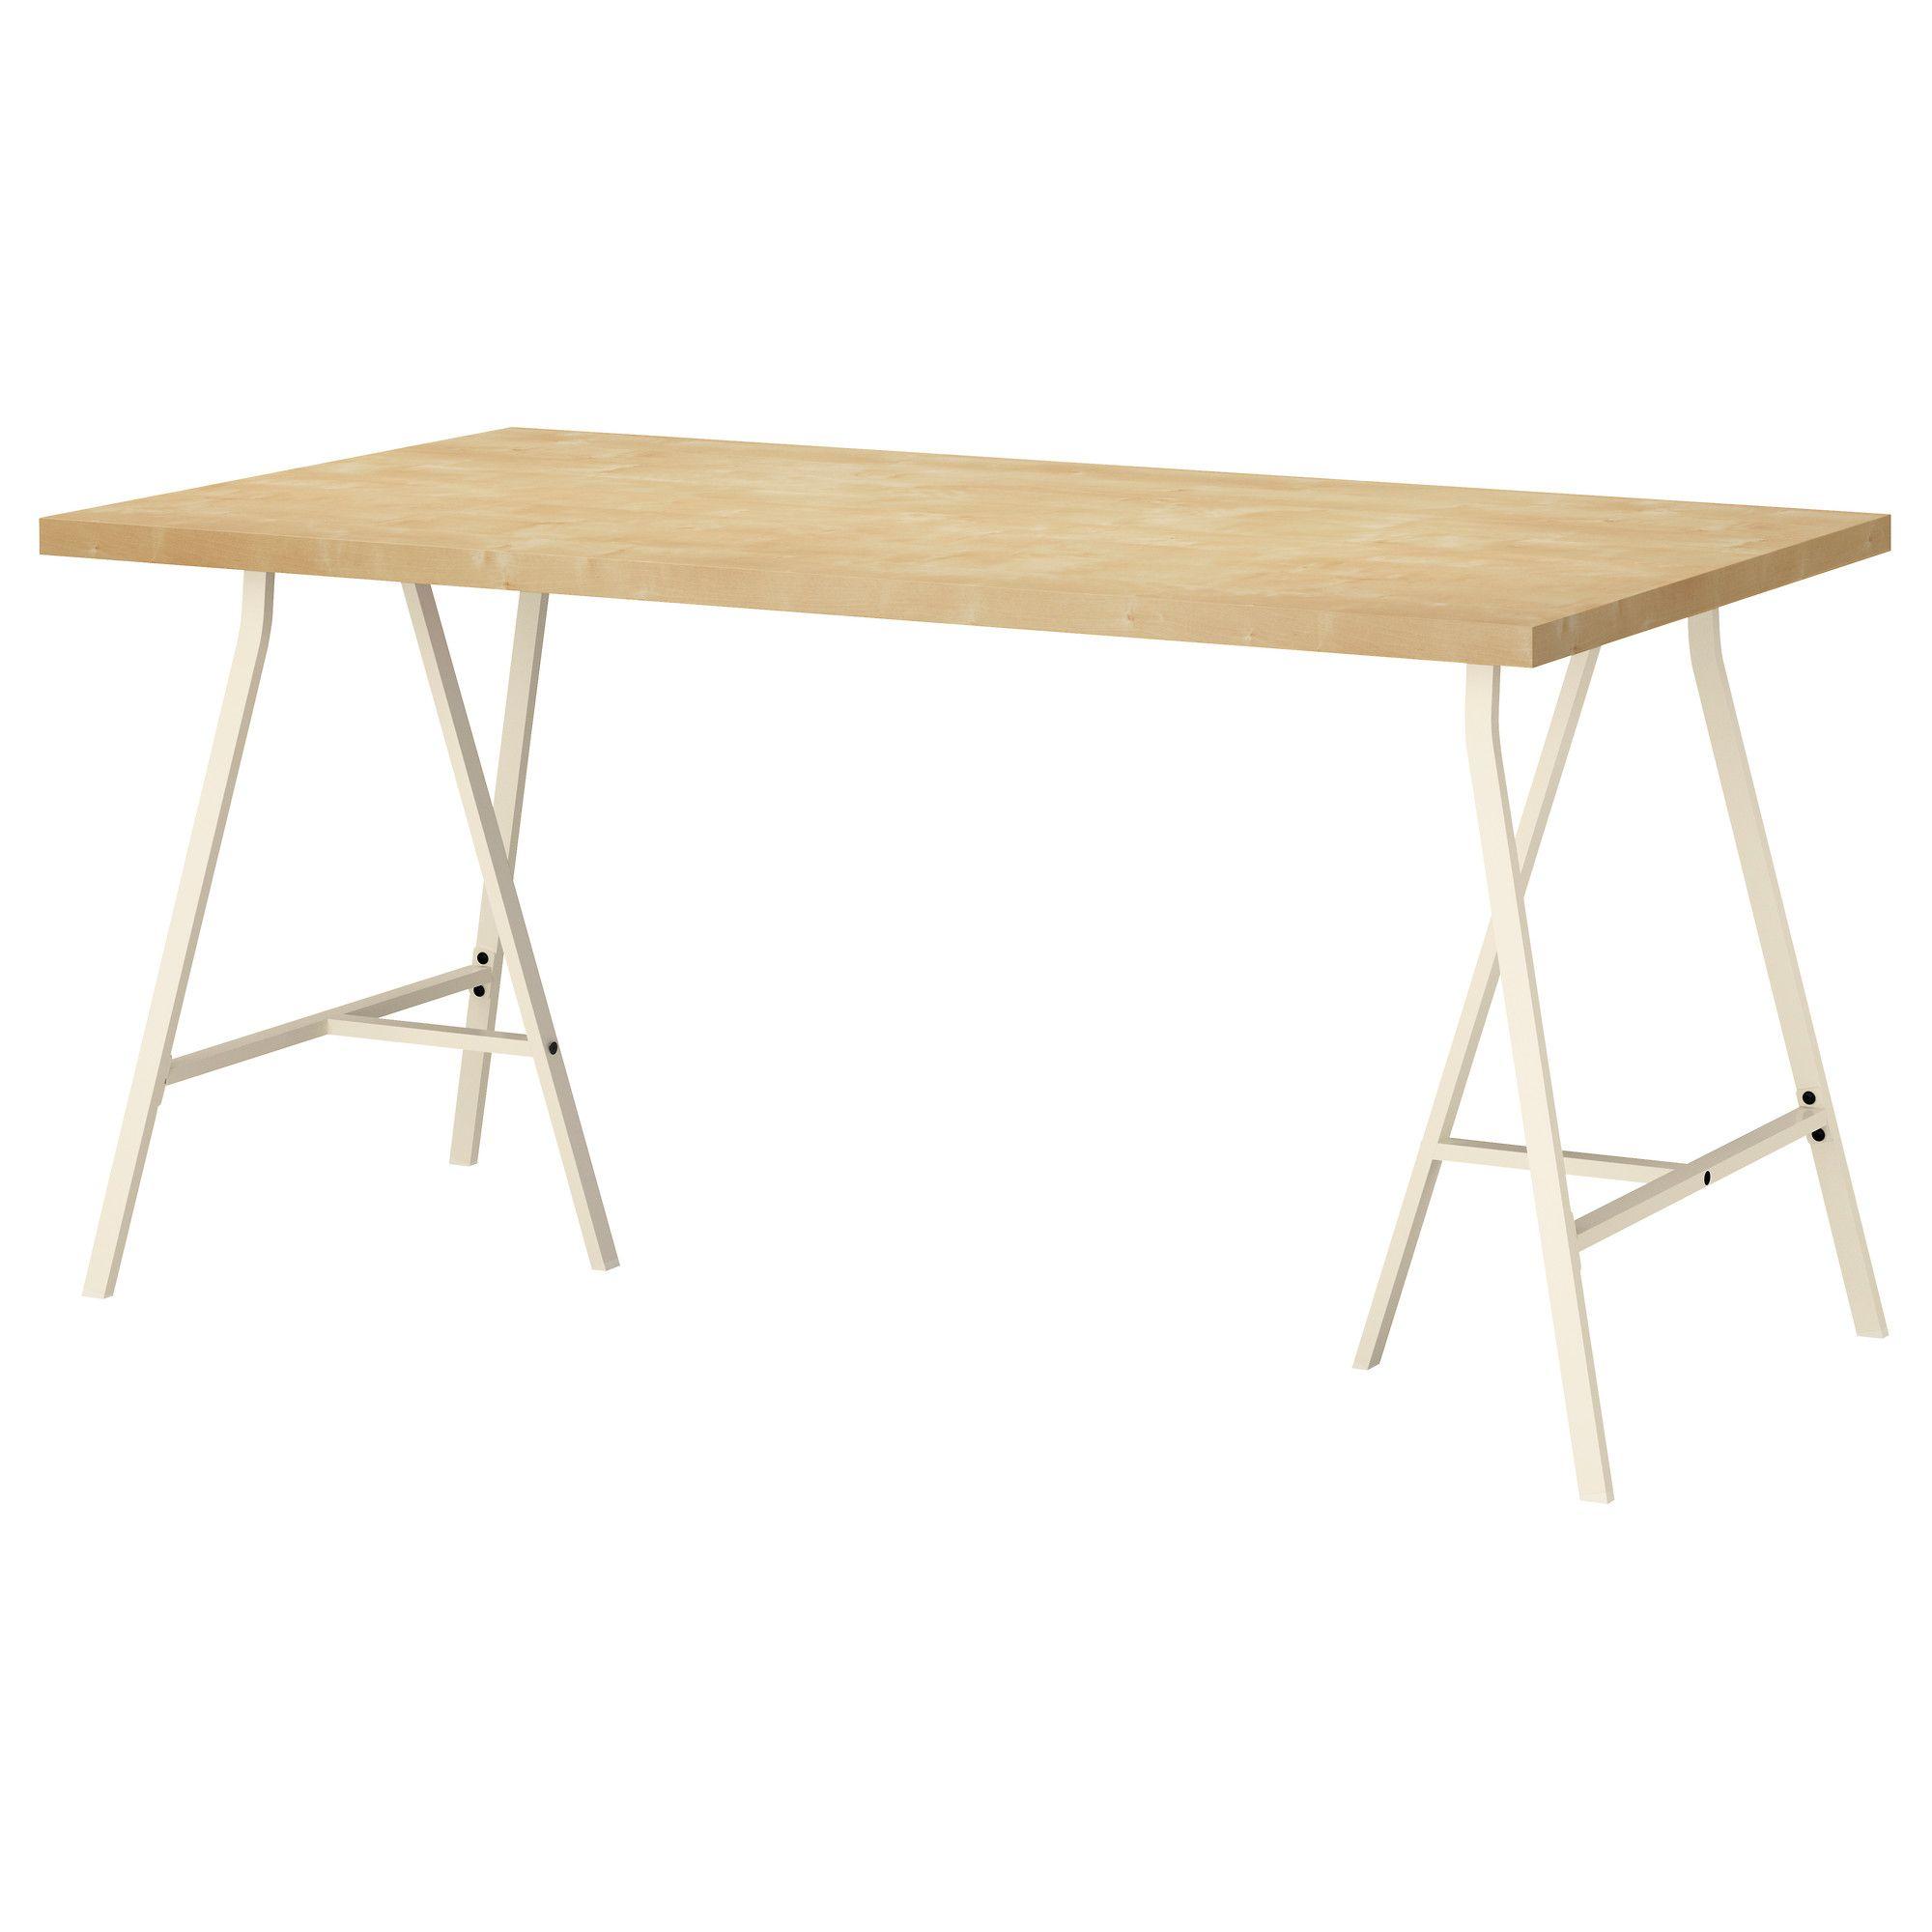 LINNMON/LERBERG Bord - bjørkemønstret/hvit - IKEA